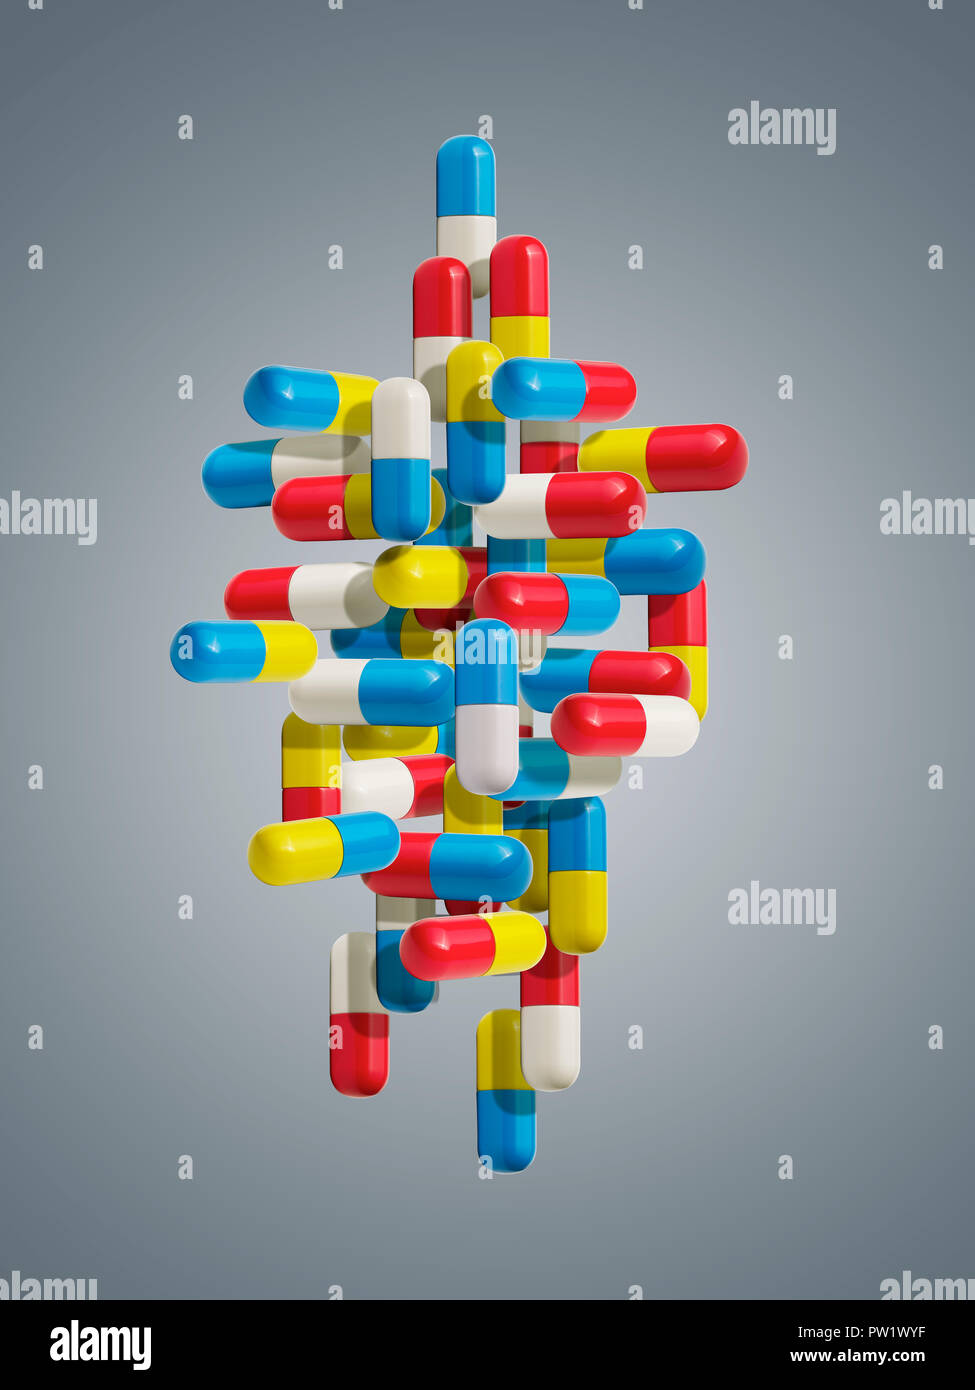 Eine Gruppe von Farbe Pillen Line up Horizontal und Vertikal, Pille Richtung, unerwünschte Nebenwirkungen Rezept, Konzept, die richtige Heilung Stockbild